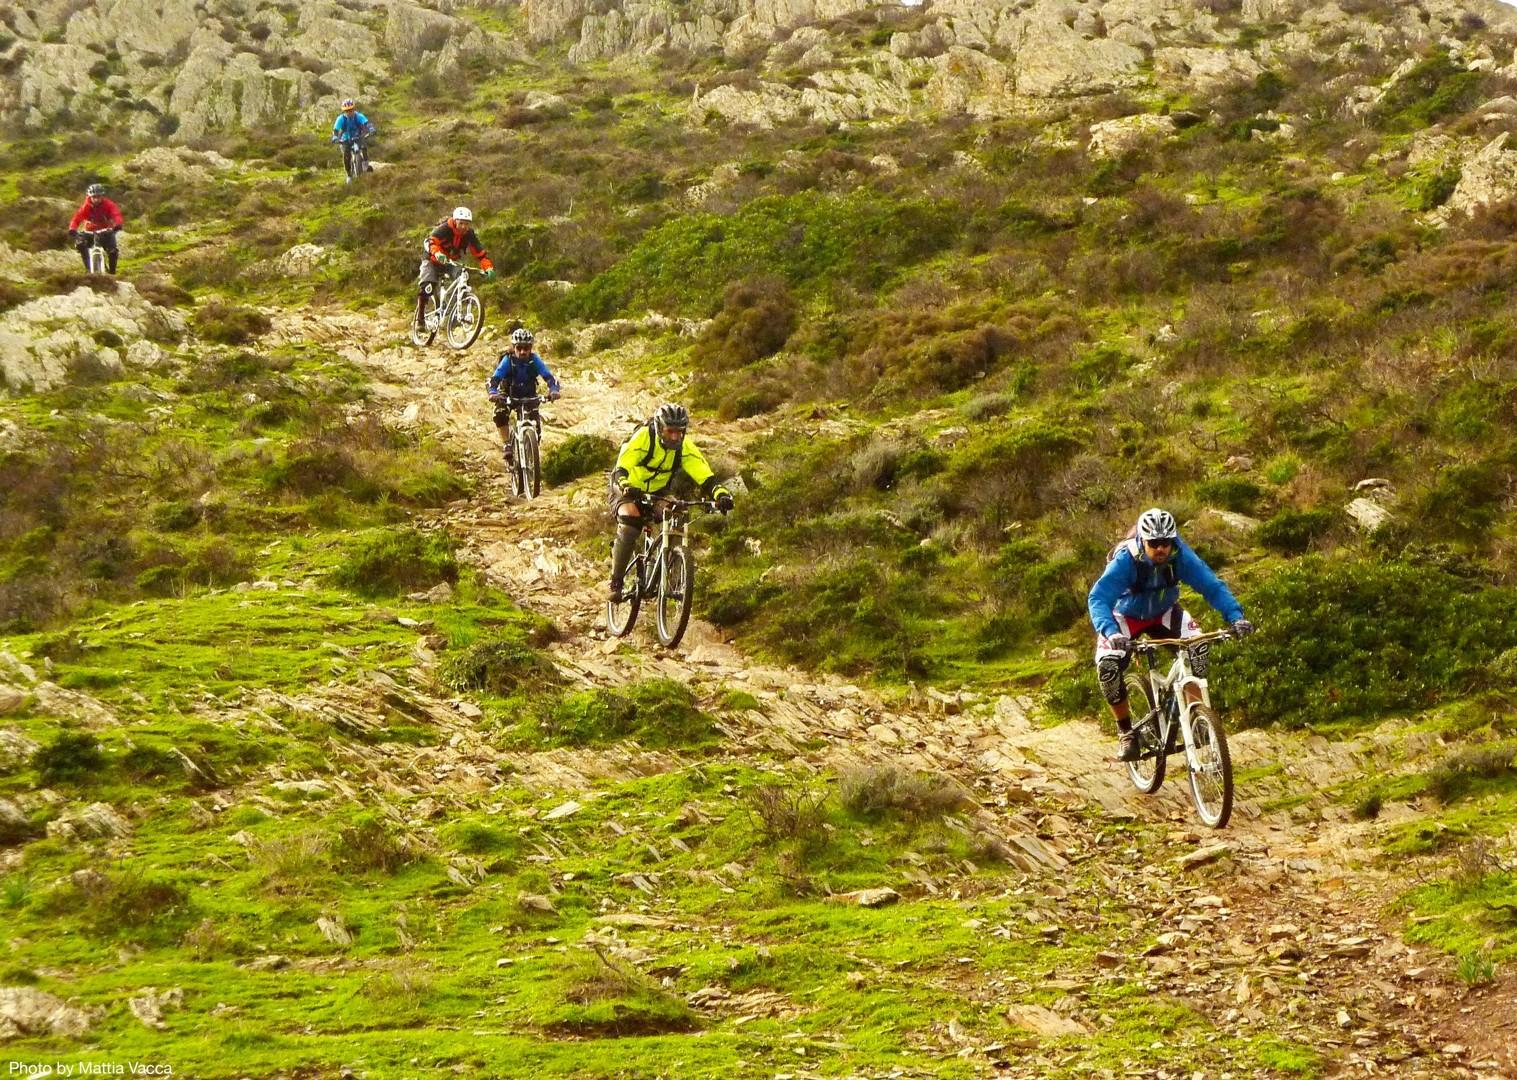 mountain-bike-holiday-enduro-in-italy-sardinia.jpg - Sardinia - Sardinian Enduro - Italia Mountain Biking